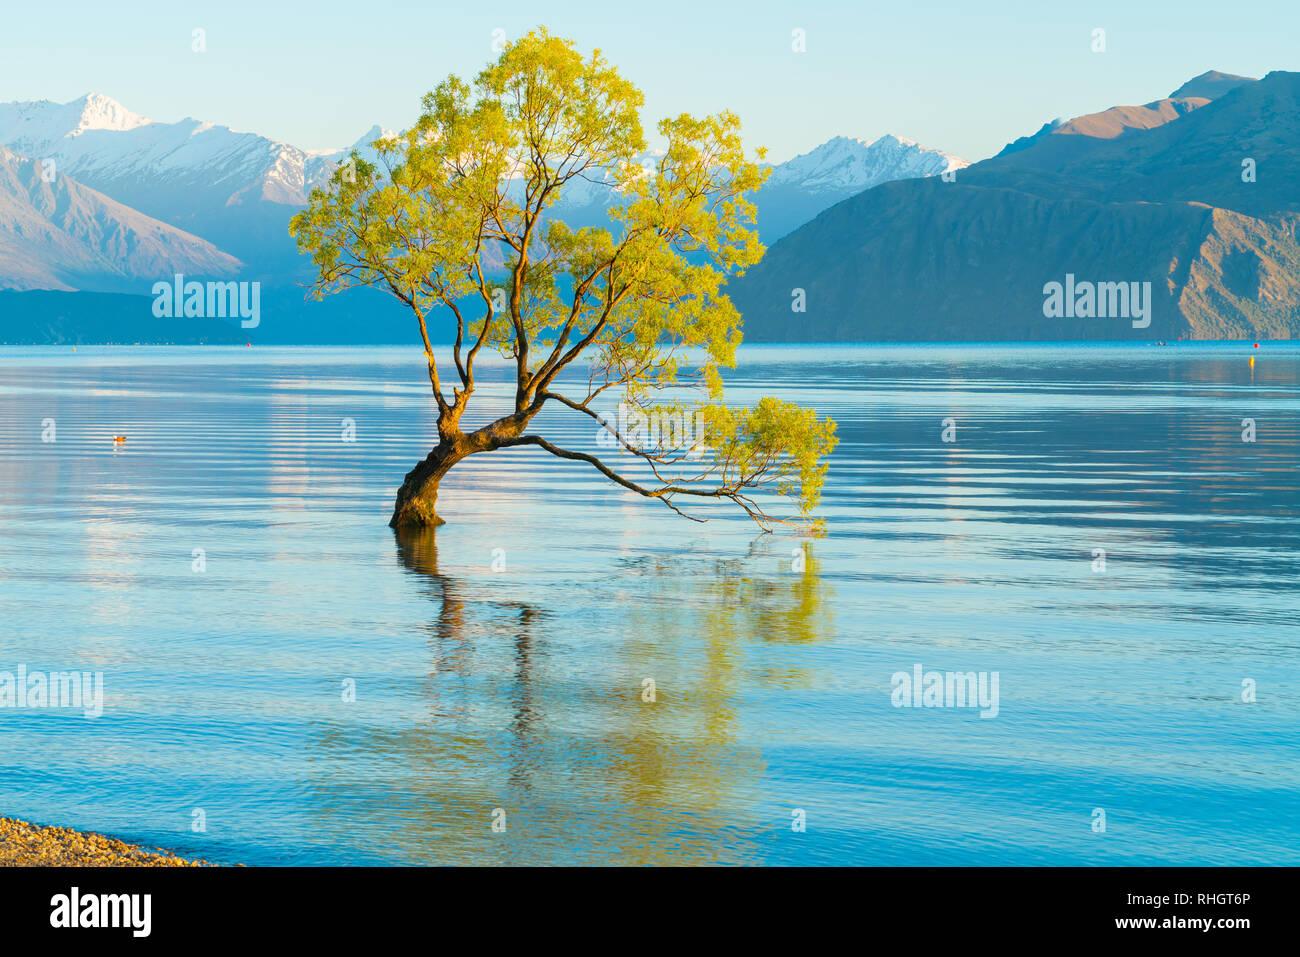 Acqua increspature intorno che arriva a Wanaka Tree, Willow tree crescono in lago è meta turistica molto in scena a lunga esposizione con i colori del tramonto riflessa dalla neve co Foto Stock